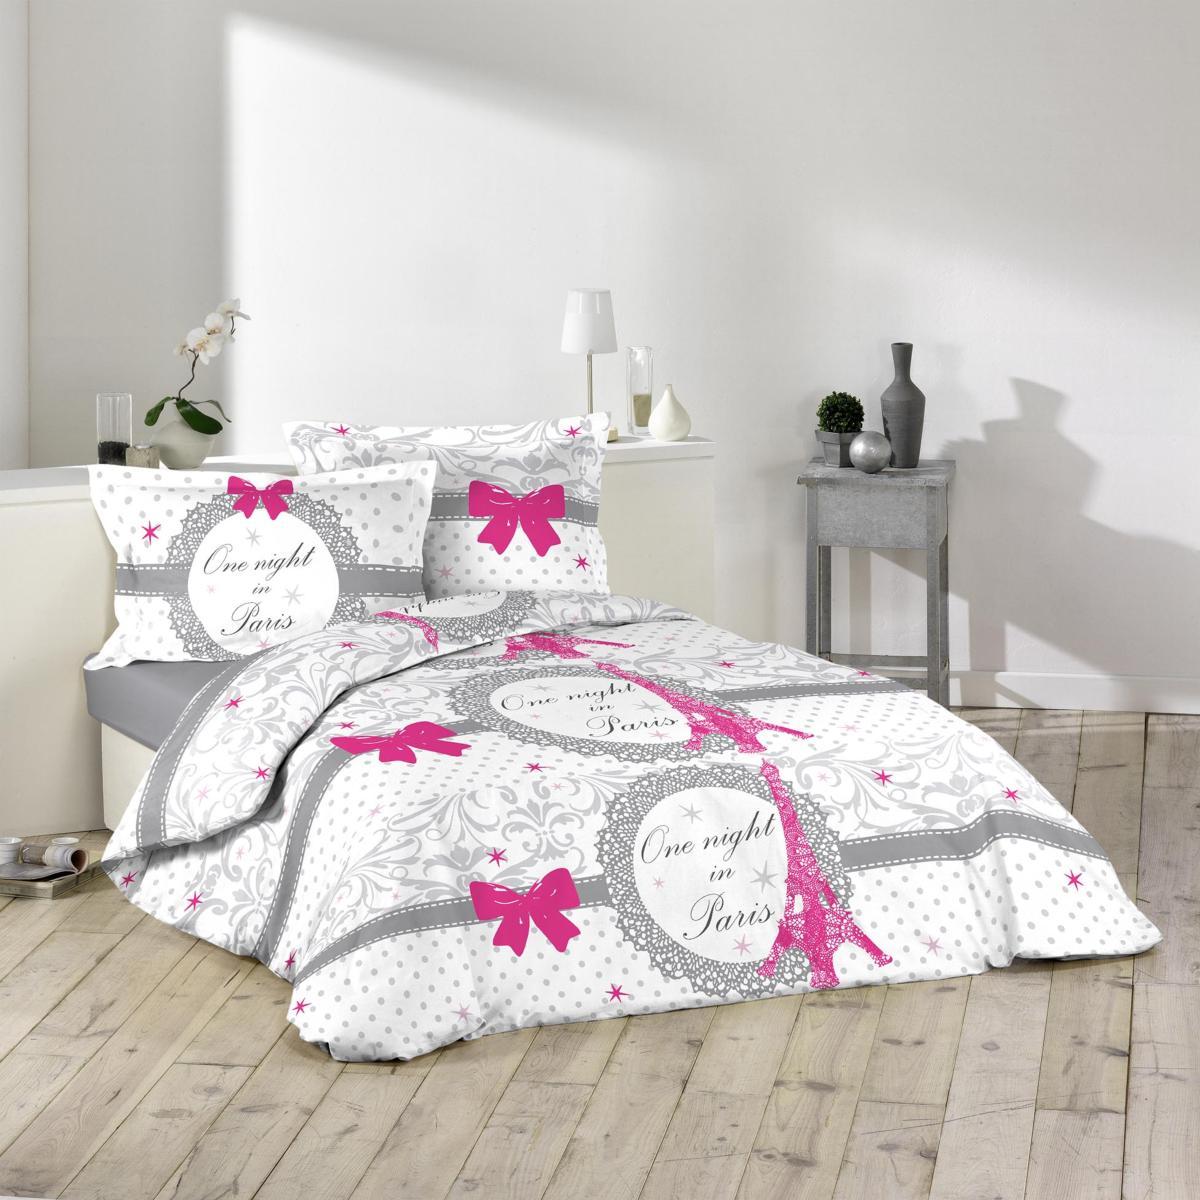 parure housse de couette pari love imprim e allover j k markets. Black Bedroom Furniture Sets. Home Design Ideas